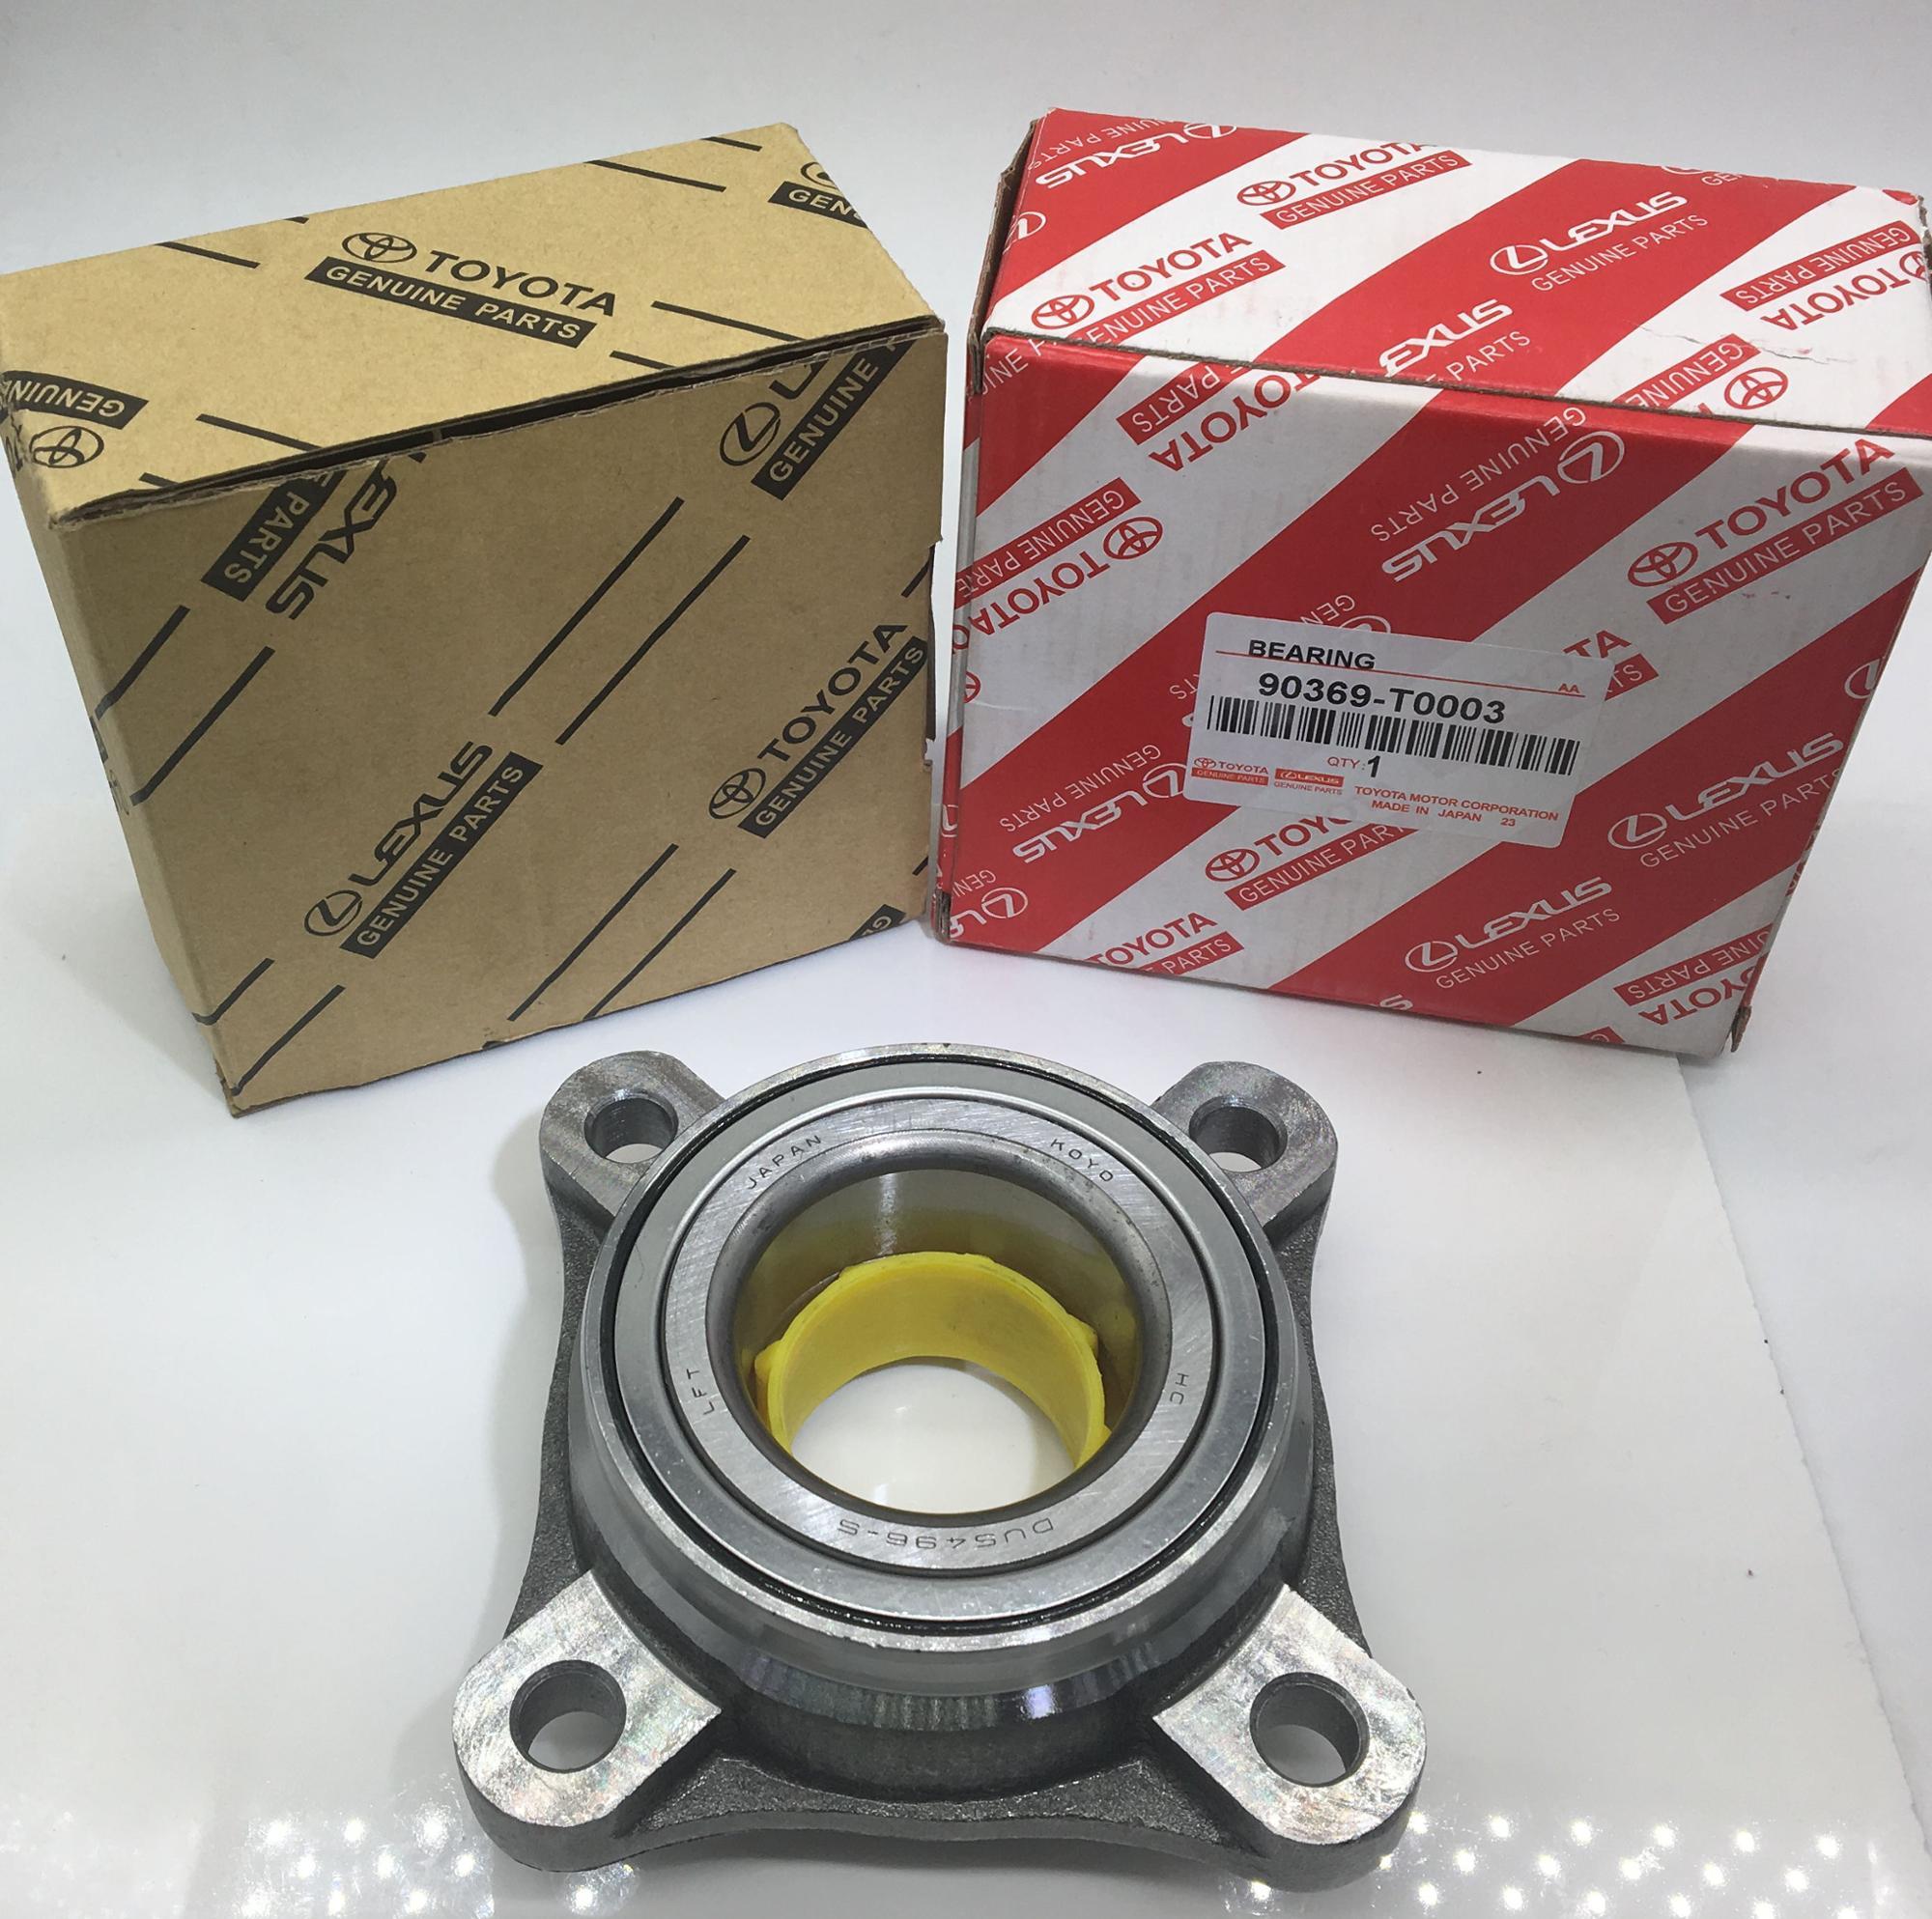 Du5496 5 Koyo Wheel Bearing Kits 54kwh01 Repair Kit